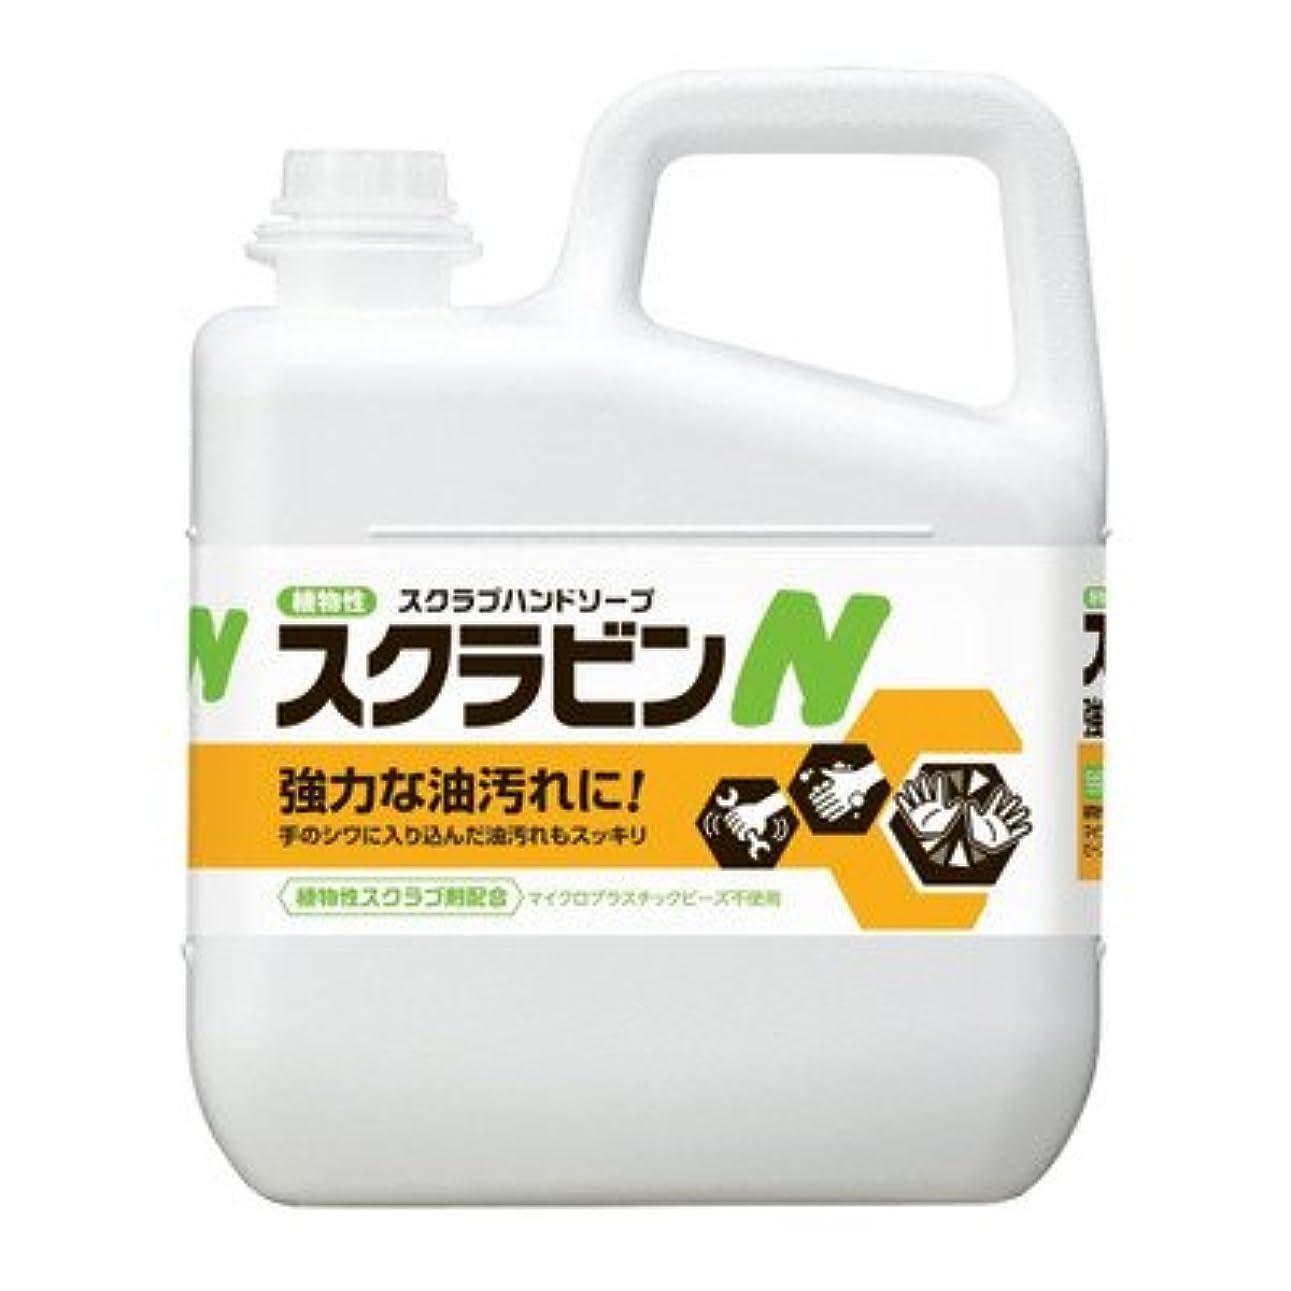 会議道路増幅環境と手肌に優しく油汚れを落とす植物性スクラブハンドソープ サラヤ 植物性スクラブハンドソープ スクラビンN 5kg 23155